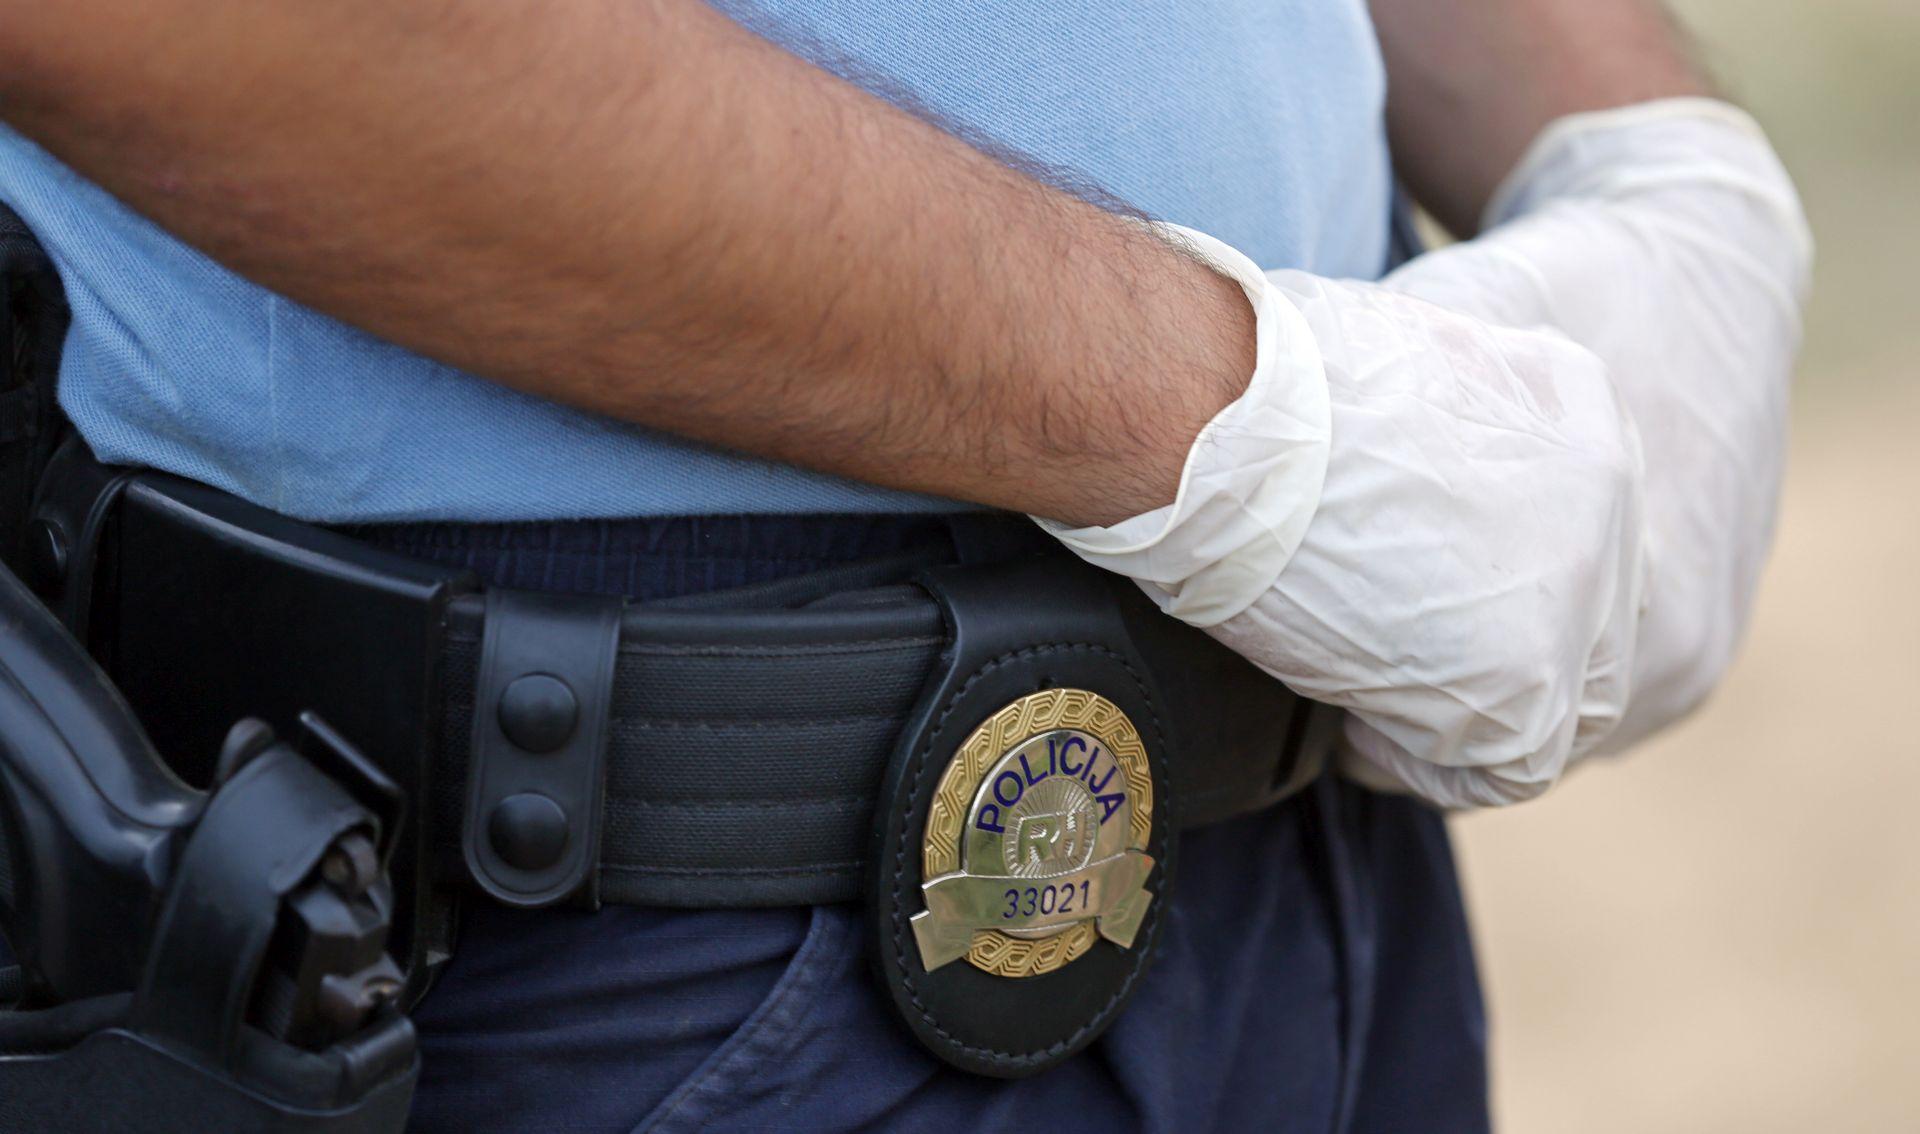 UBOJSTVO POZNANIKA NAKON SVAĐE U Sisku ubijen 59-godišnjak